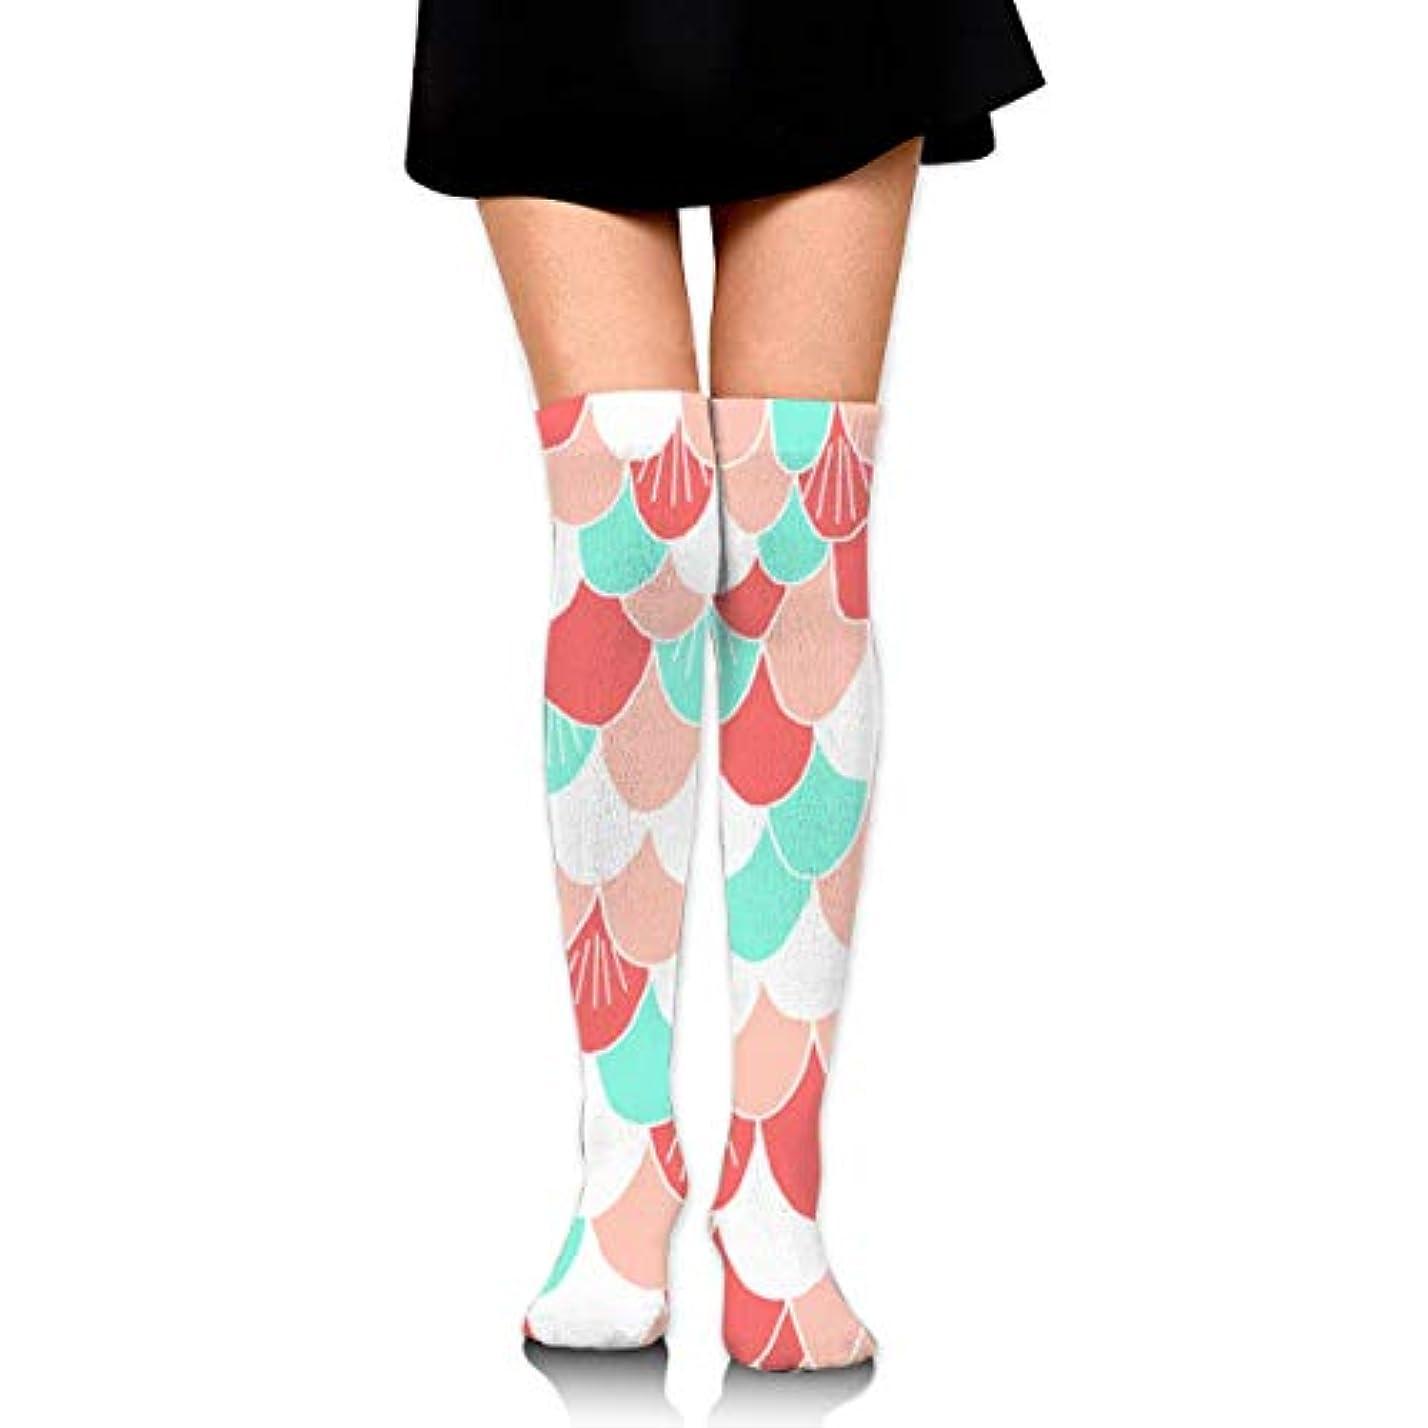 まさにアグネスグレイカナダMKLOS 通気性 圧縮ソックス Breathable Extra Long Cotton Thigh High Beautiful Colorful Mermaid Scales Socks Over Exotic Psychedelic...